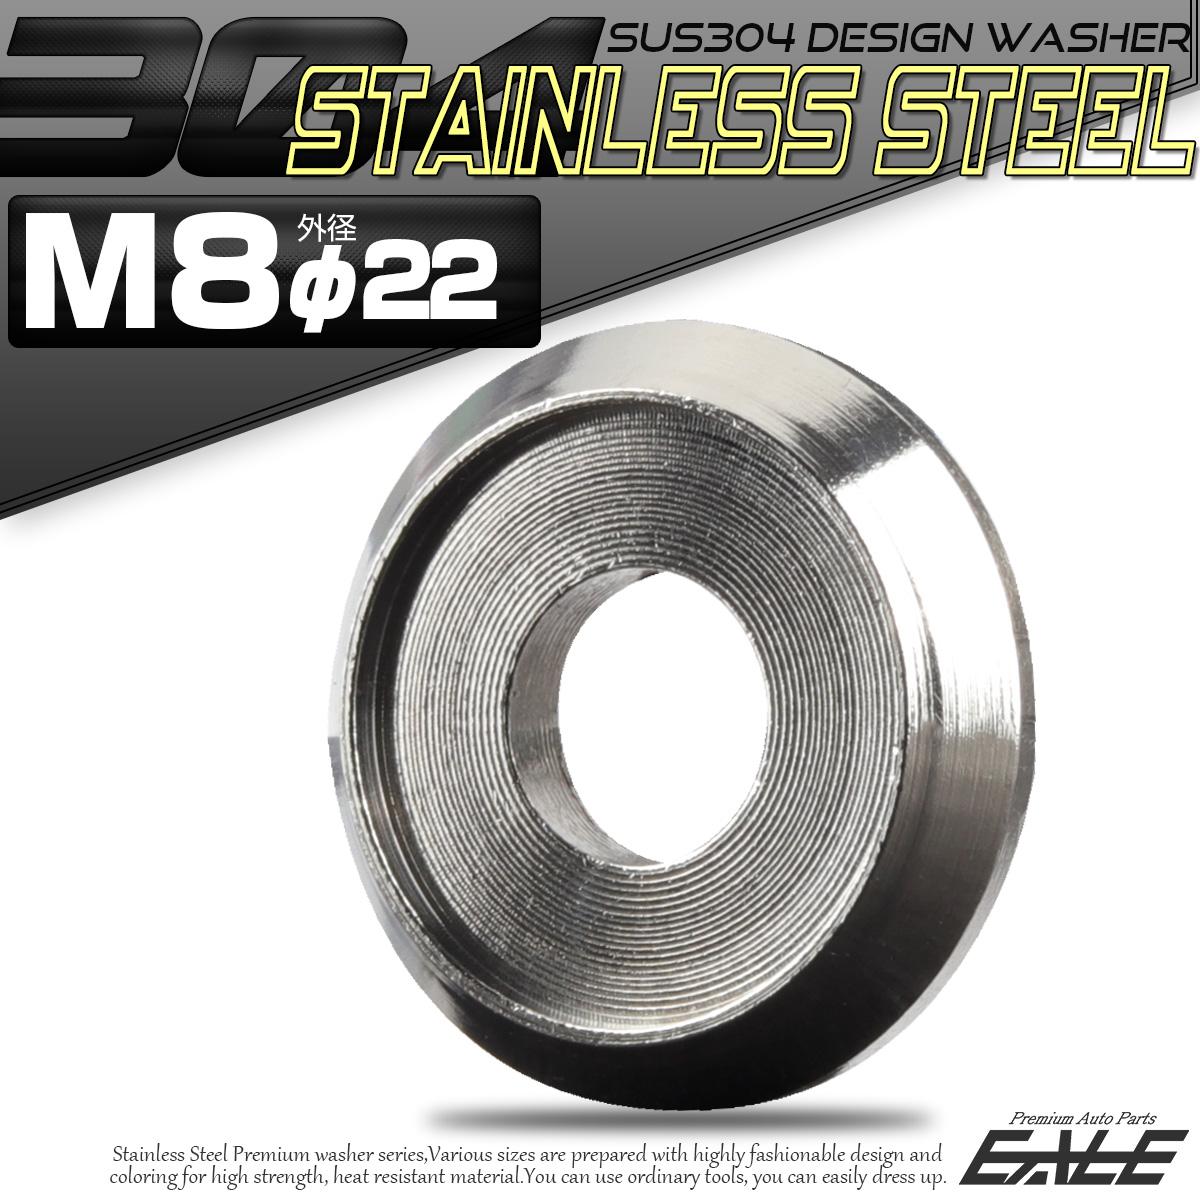 SUS304 M8 デザインワッシャー 外径22mm ボルト座面枠付 フジツボ型 ステンレス製 シルバー TF0014